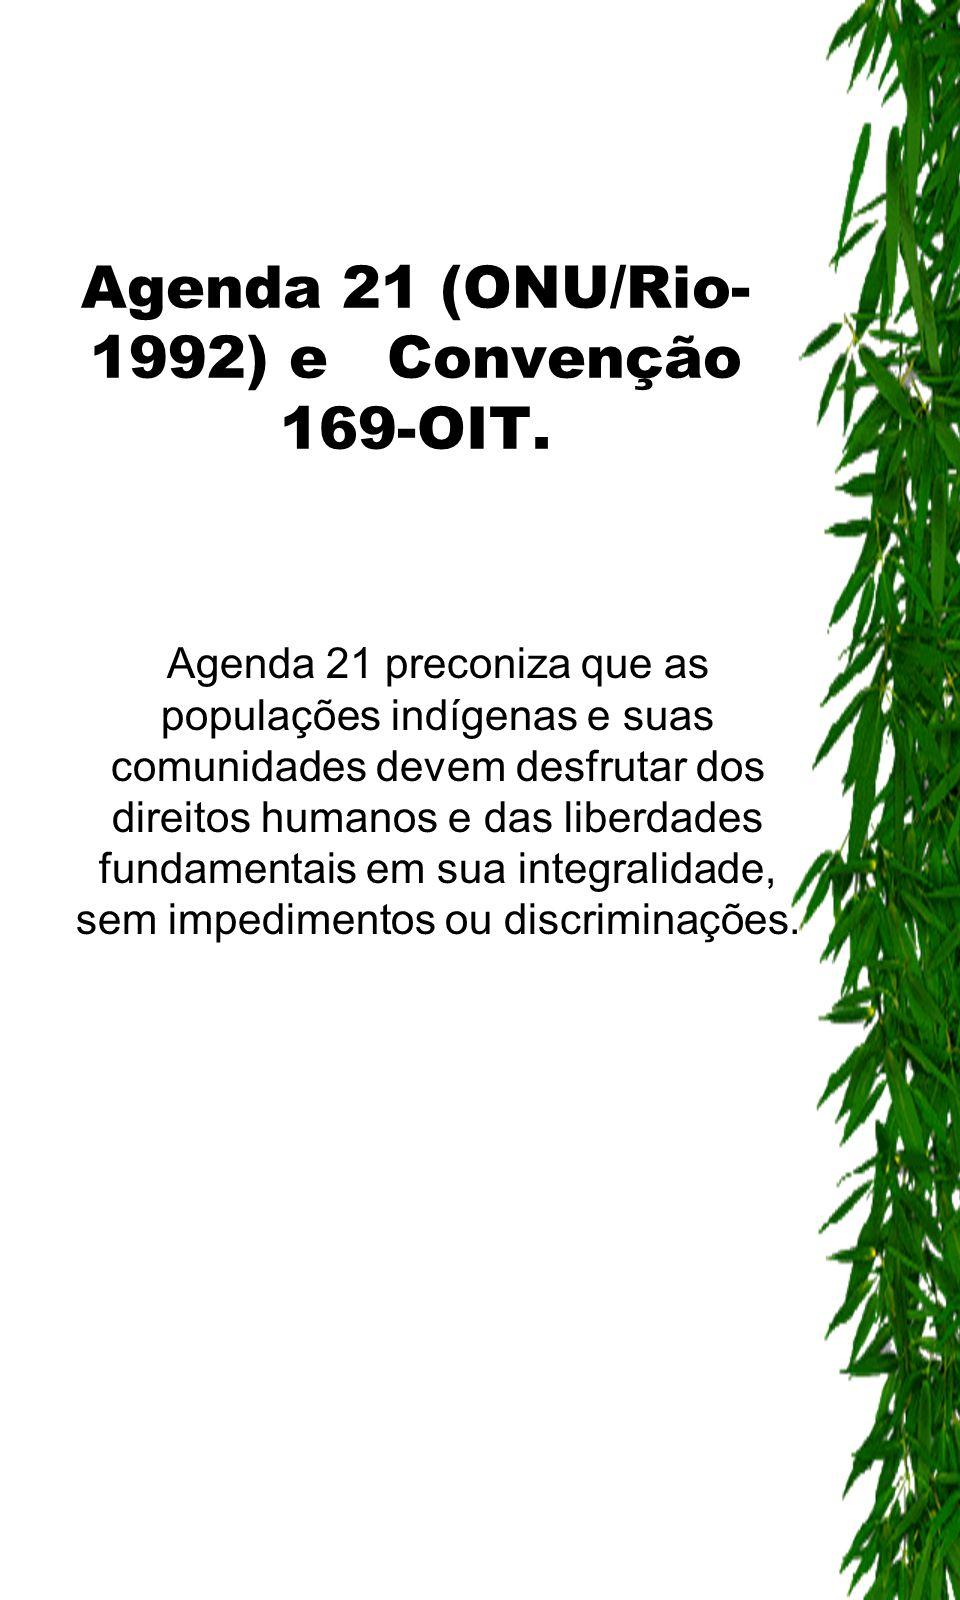 Agenda 21 (ONU/Rio- 1992) e Convenção 169-OIT. Agenda 21 preconiza que as populações indígenas e suas comunidades devem desfrutar dos direitos humanos